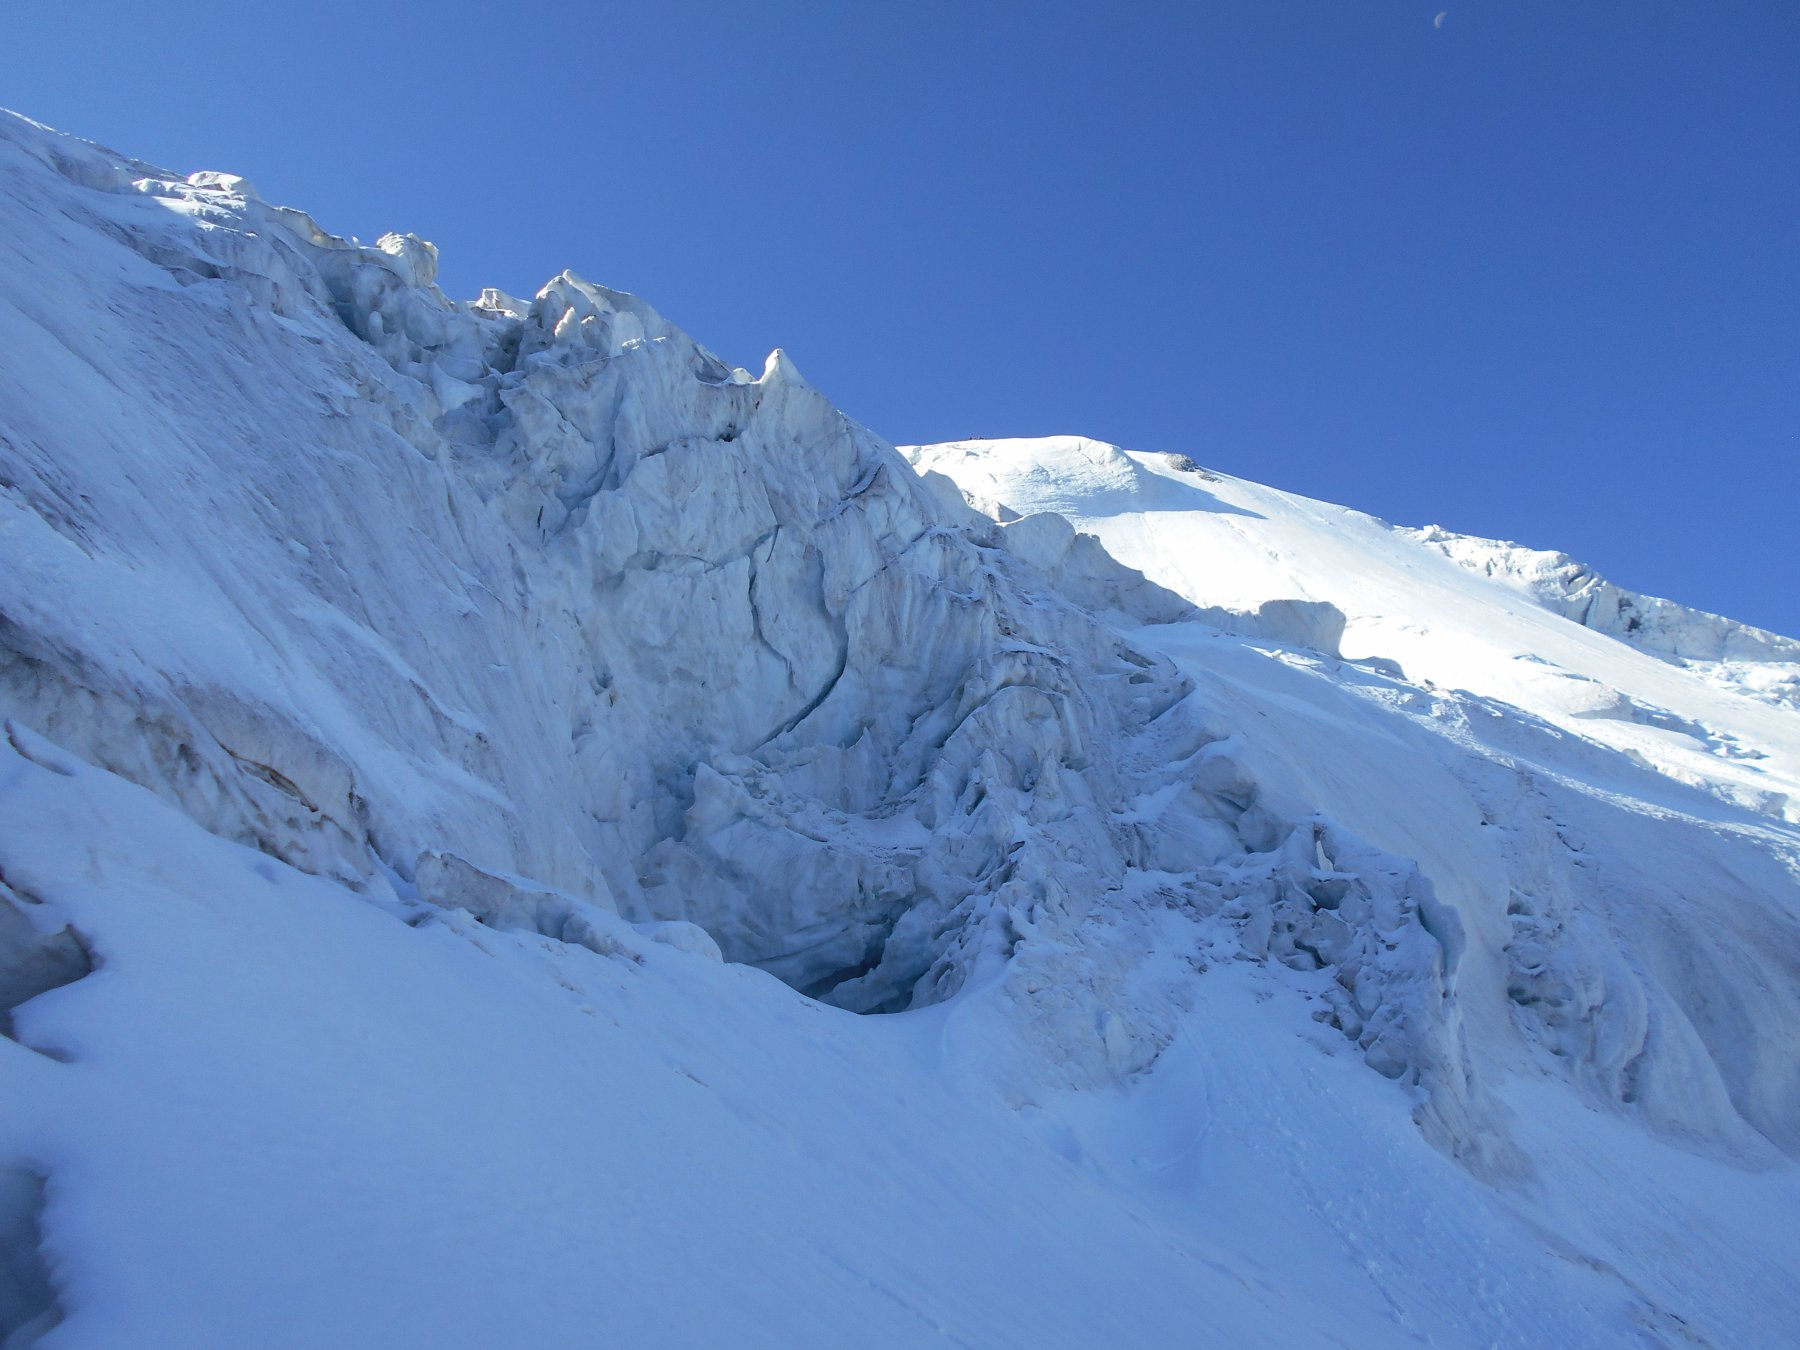 seracchi nei pressi dell'attacco del ghiacciaio